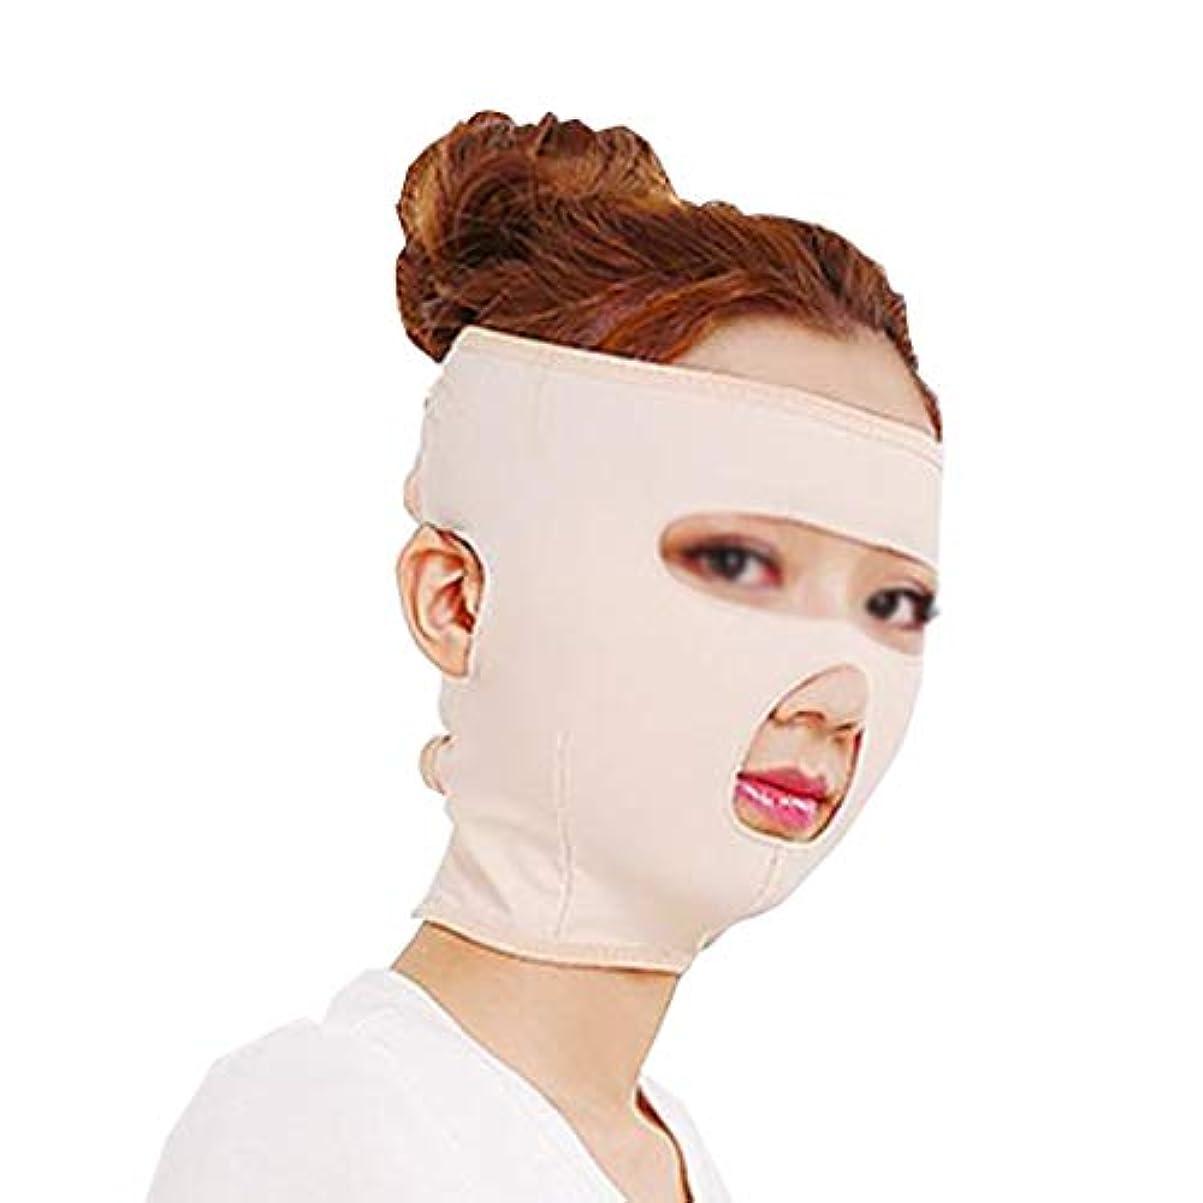 生じる私達カートZWBD フェイスマスク, 強力なフェイスマスクフェイスマスクフェイスウェイトバンデージファーミングフェイスマスクフェイスマスク